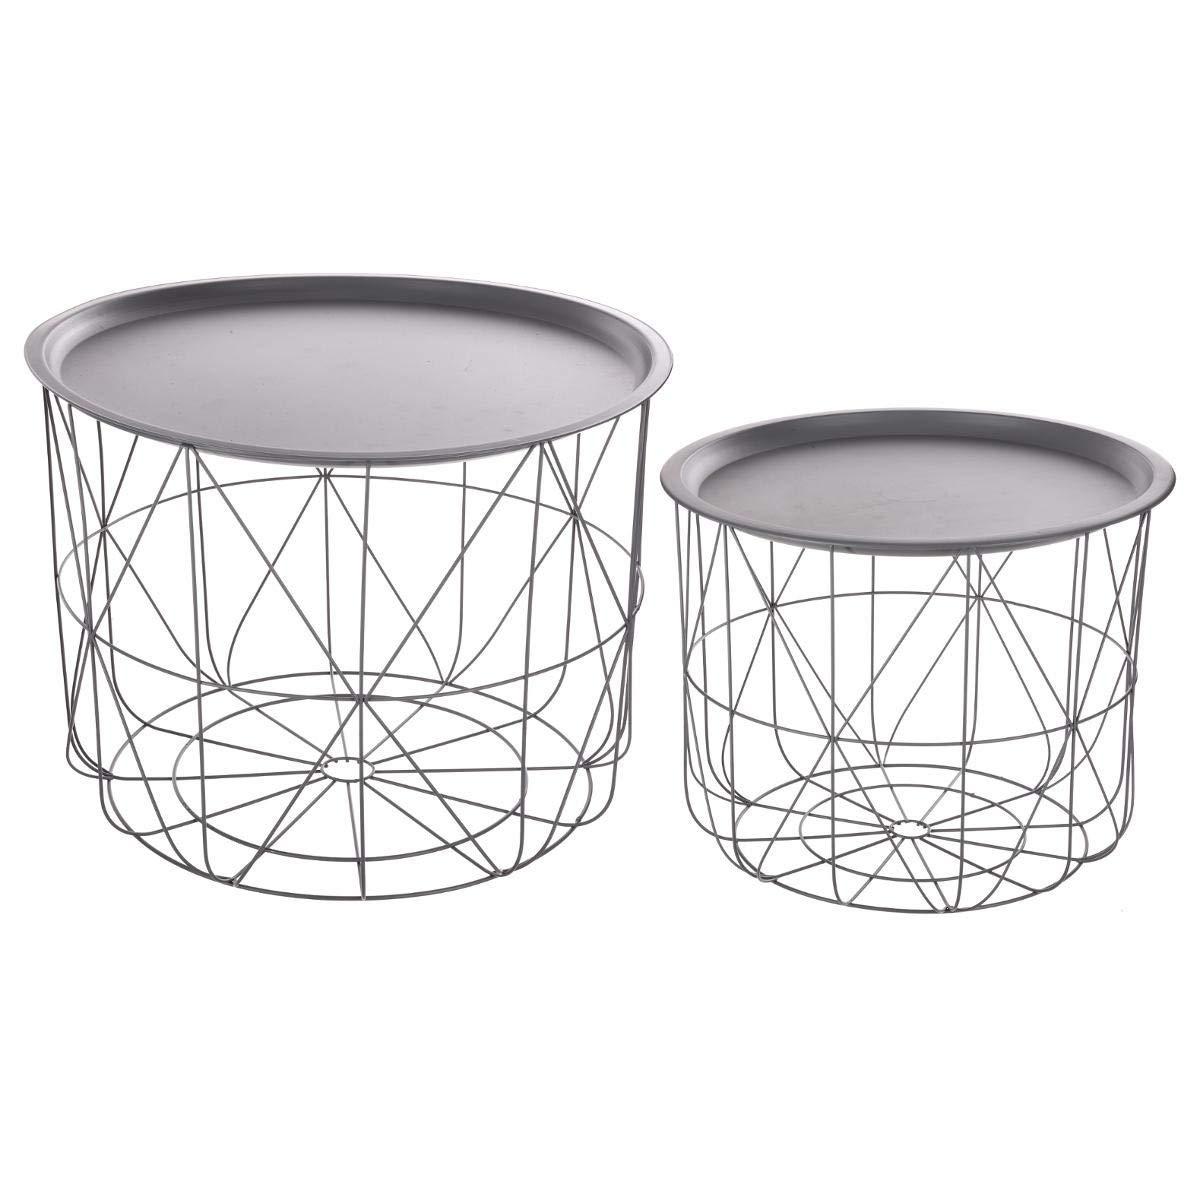 Set di 2 tavolini da caffè impilabili con ripiani amovibili - Design e moderni - Colore: GRIGIO ATMOSPHERA